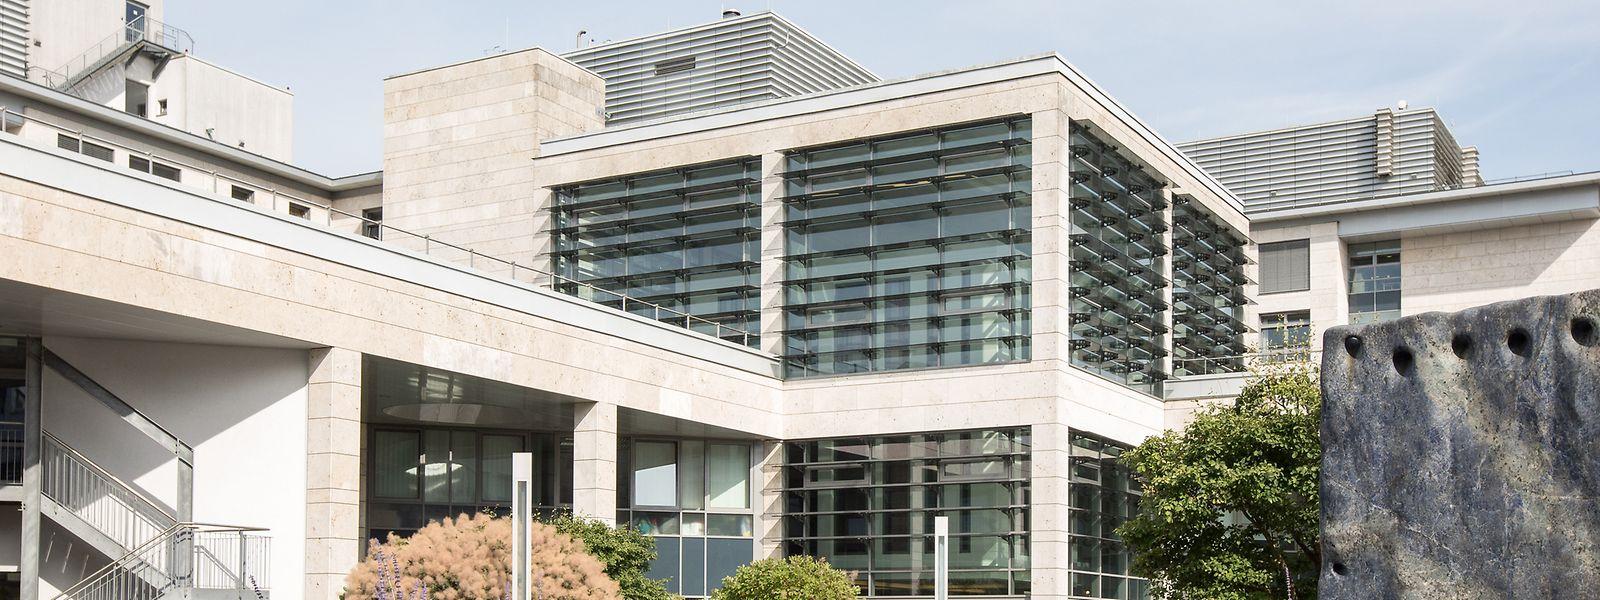 Das neue IRM-Gerät Hôpital Kirchberg soll am 22. Juli in Betrieb gehen.